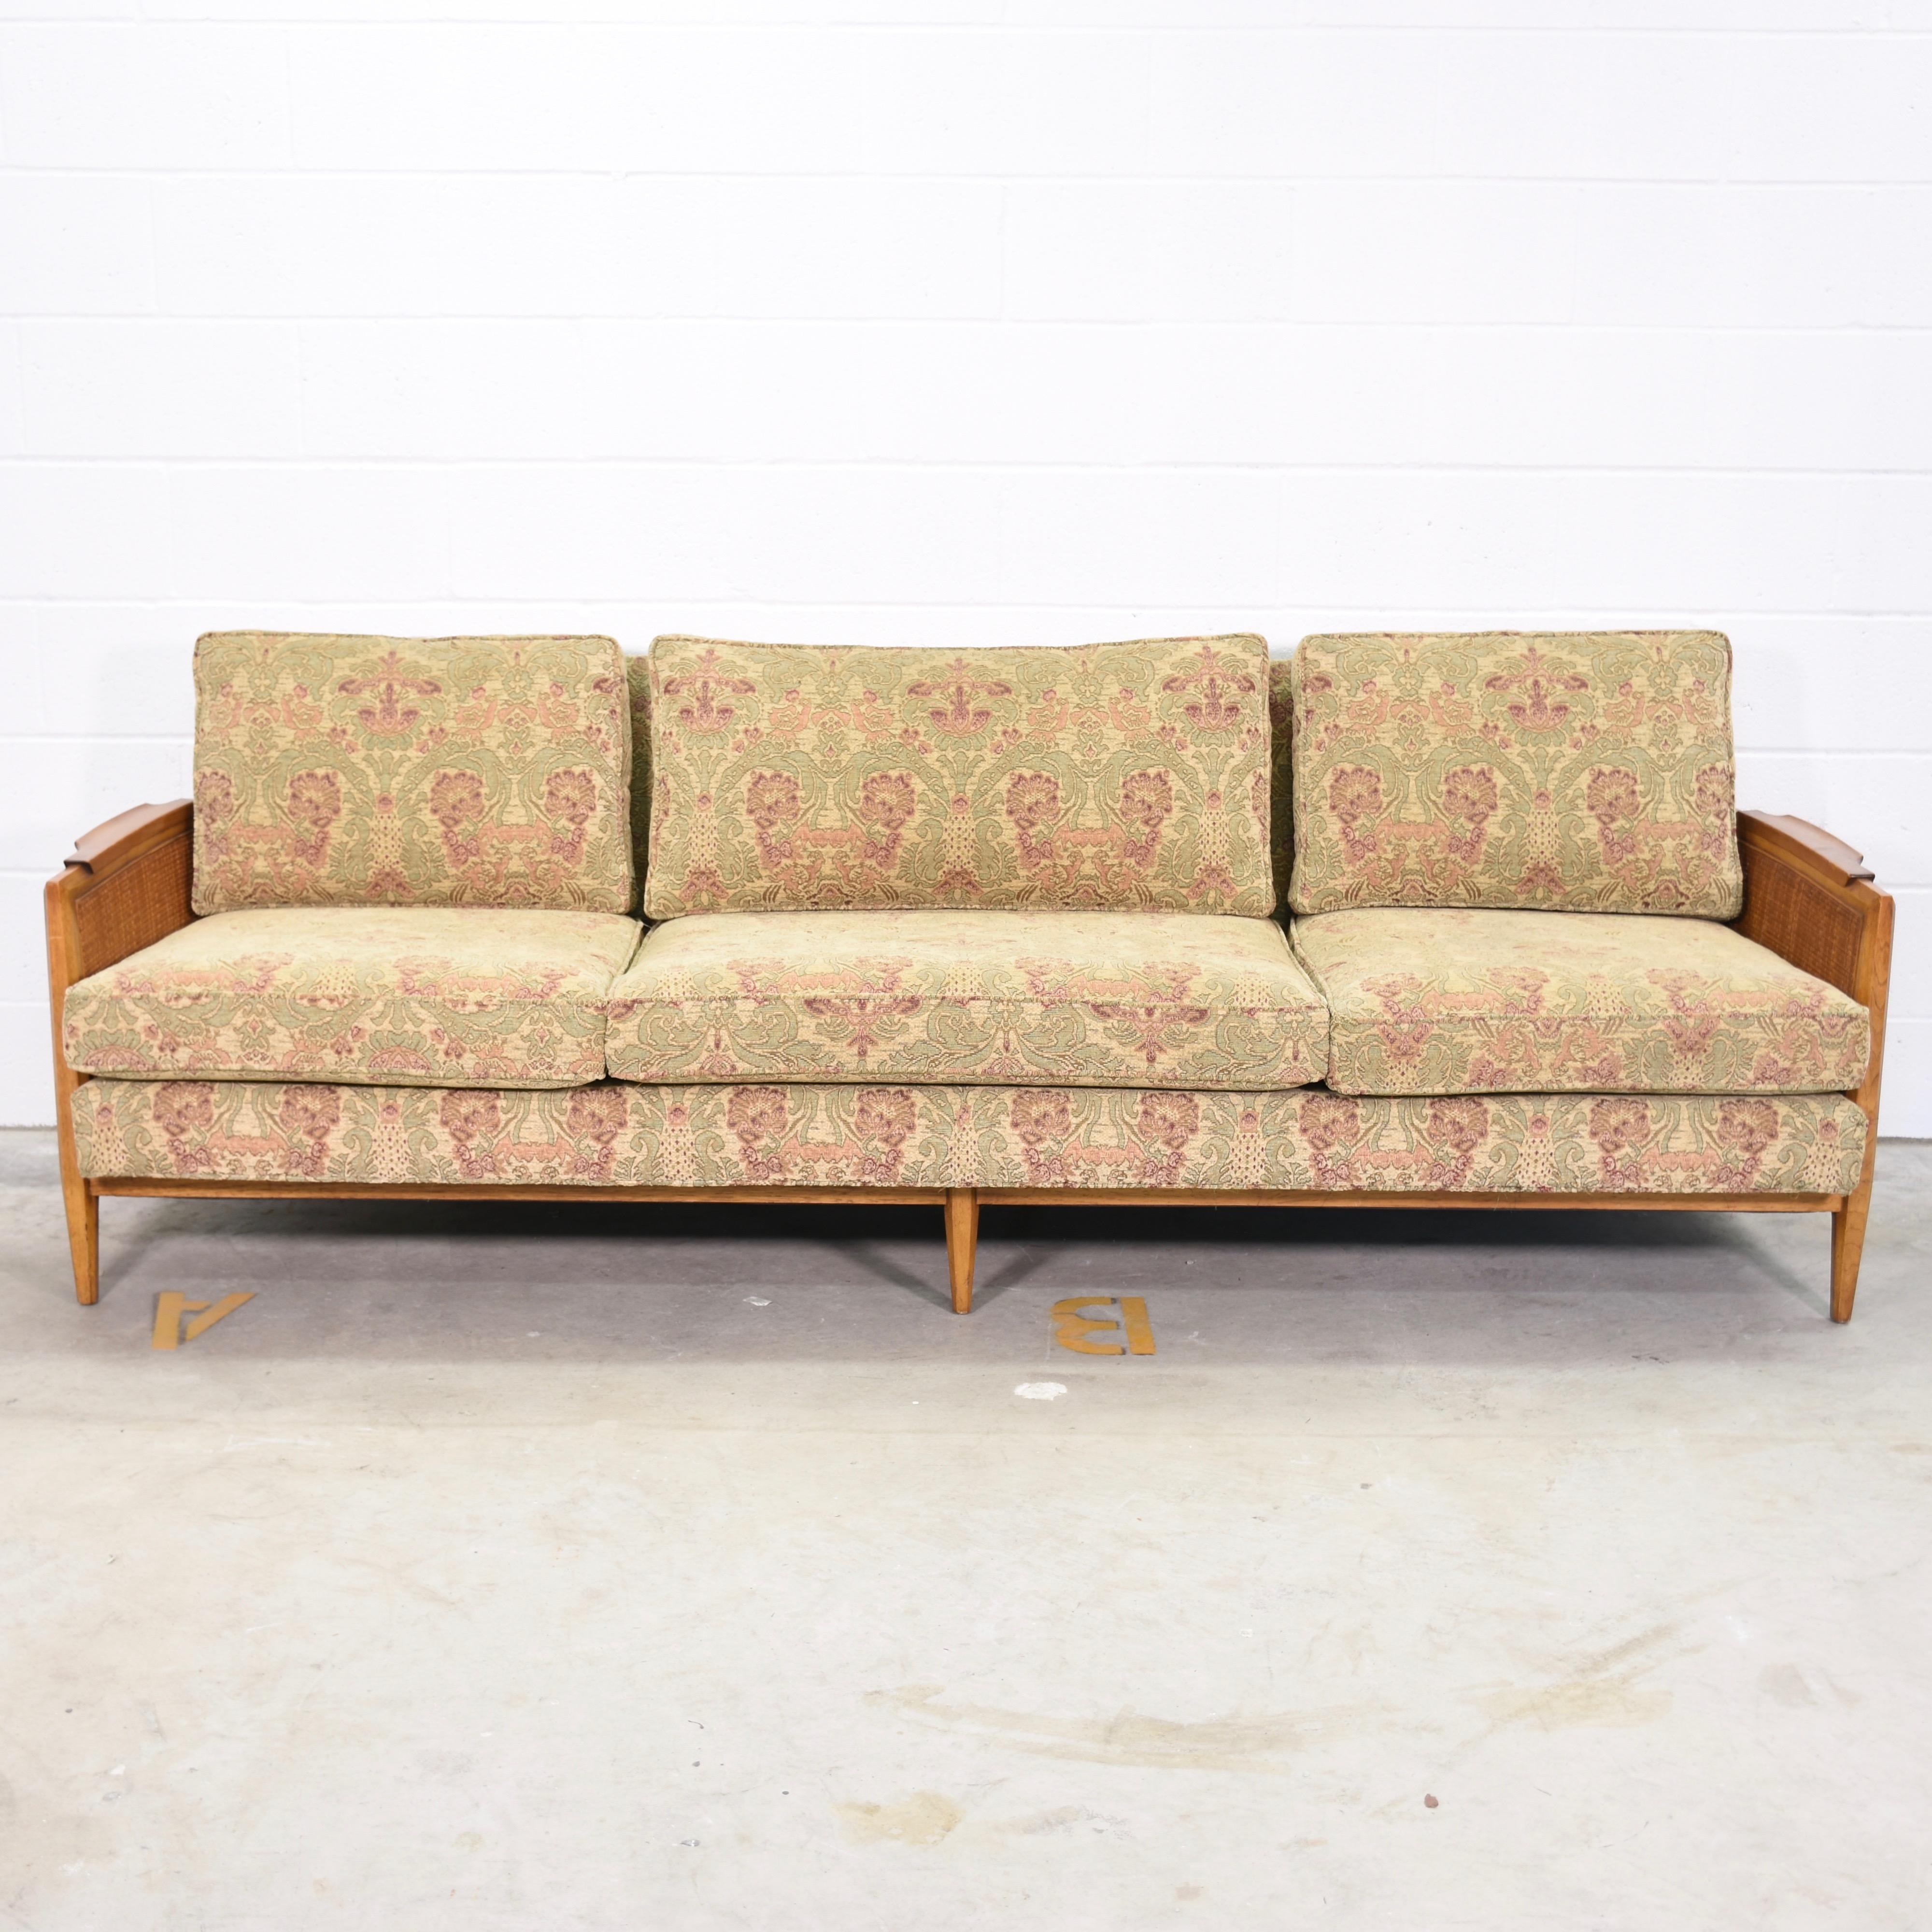 los angeles sofas deep seated sofa midcentury modern 4 seater loveseat vintage